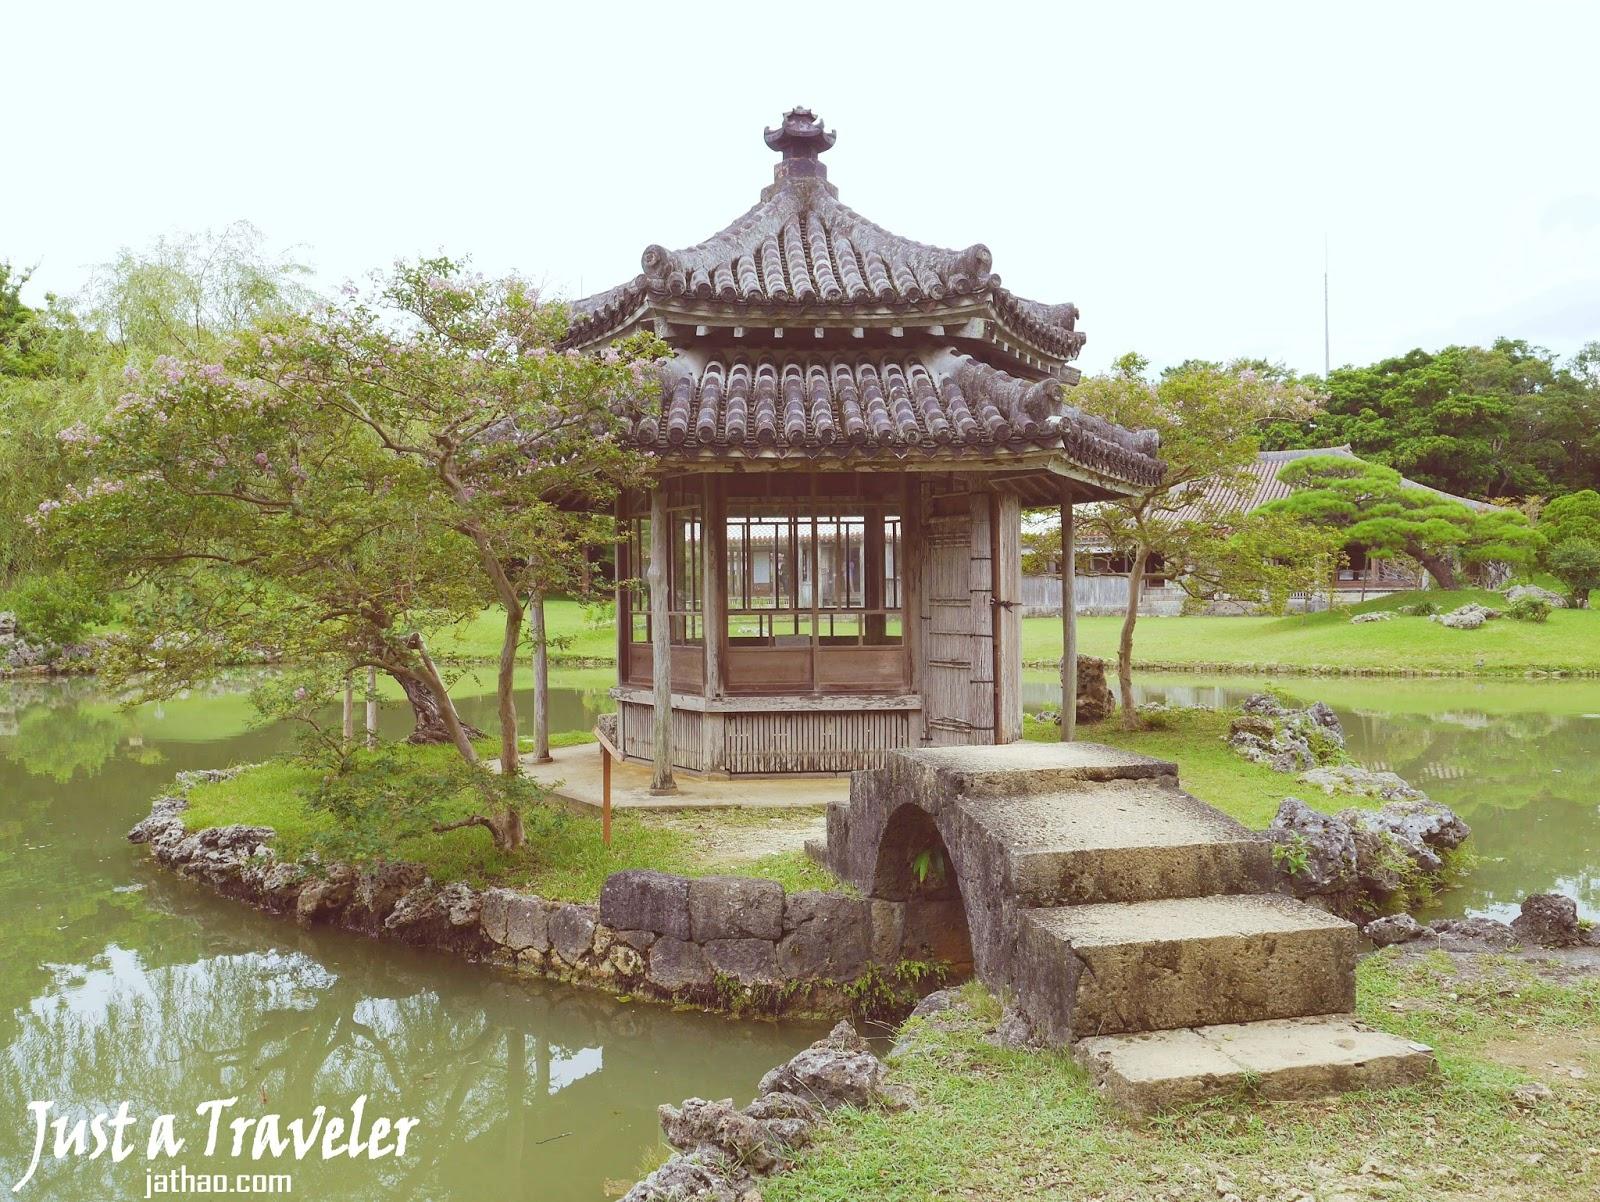 沖繩-世界遺產-識名園-shikinaen-自由行-旅遊-景點-Okinawa-world-heritage